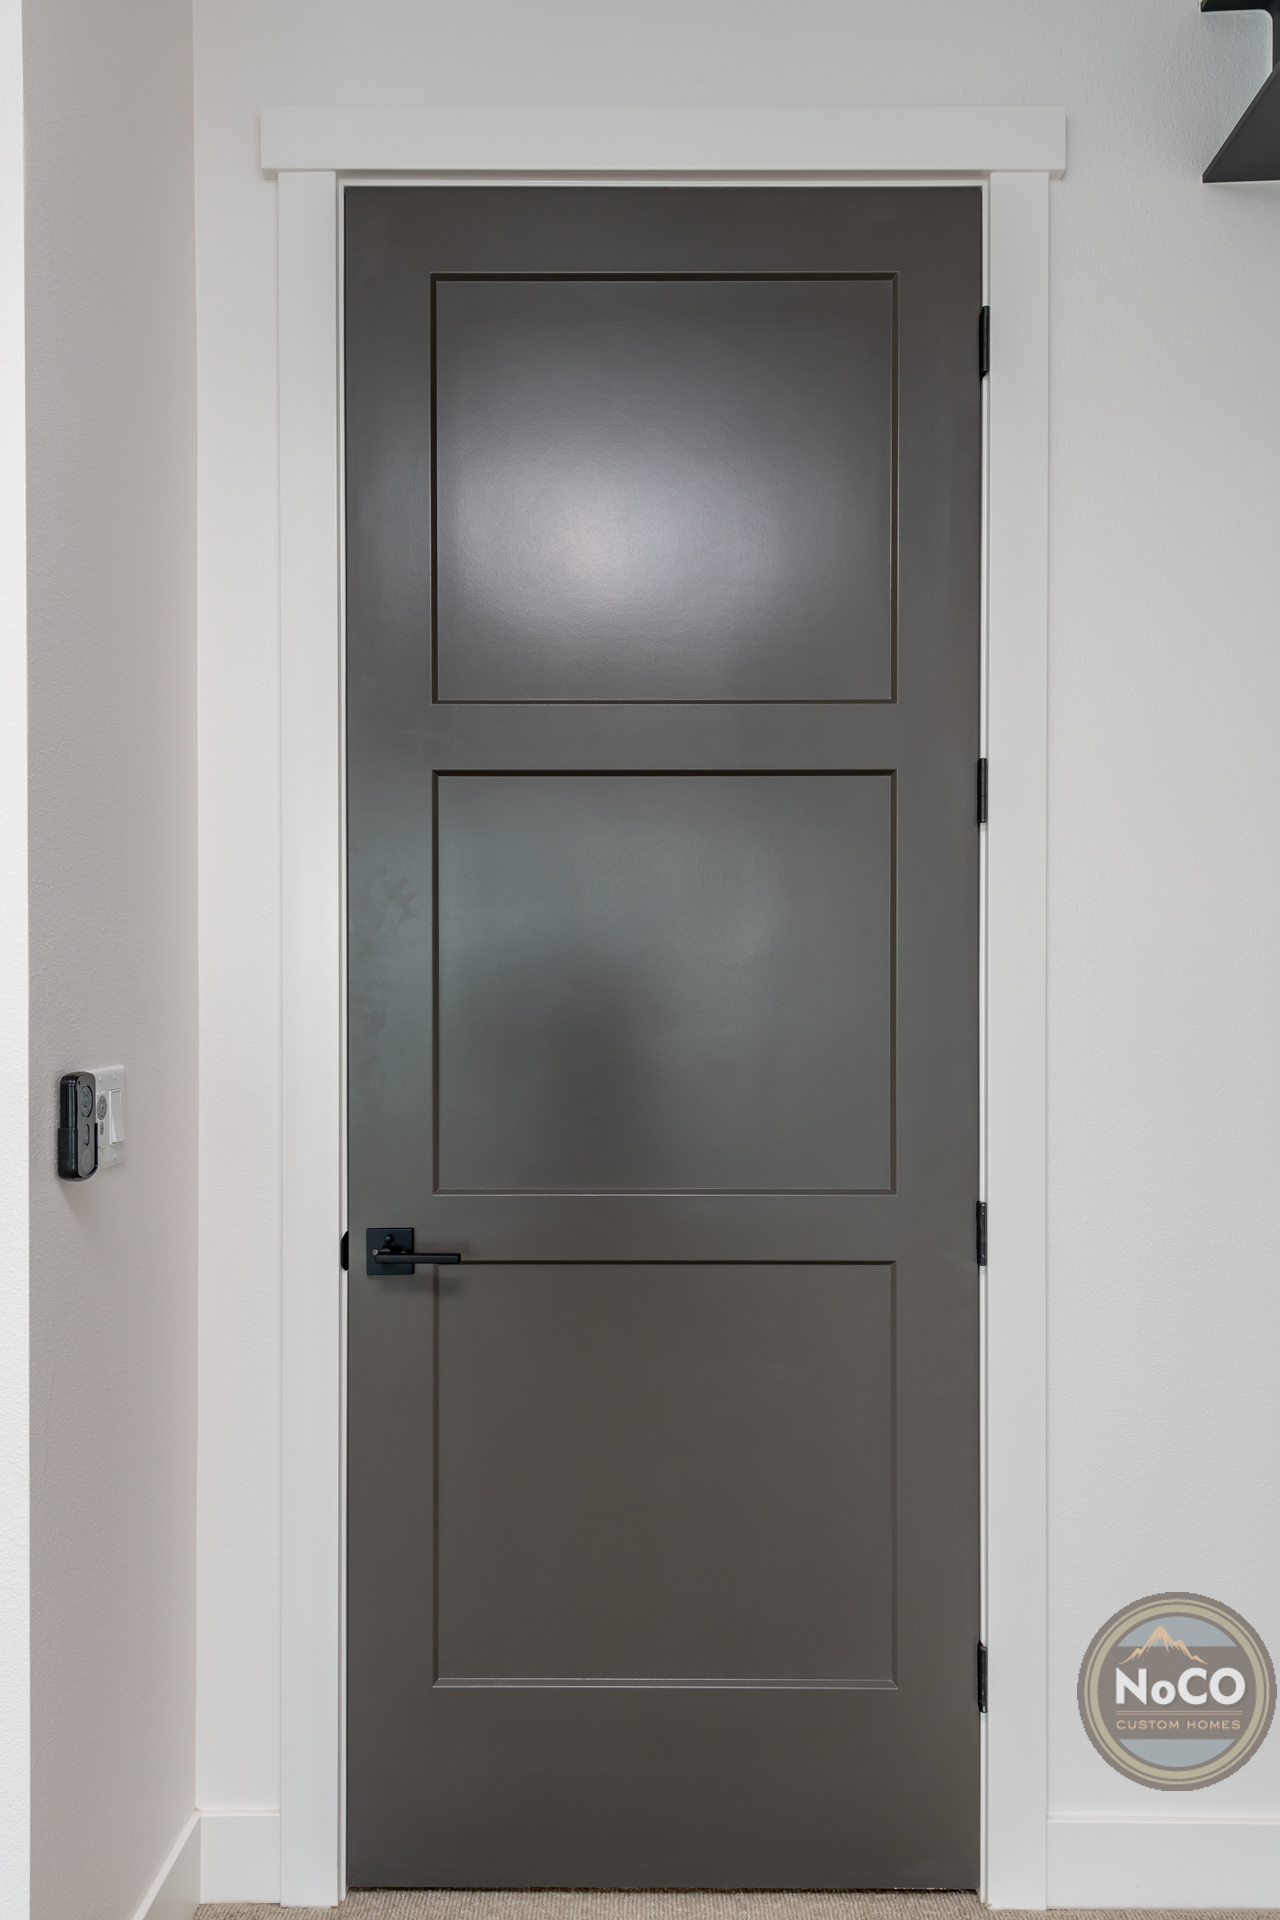 colorado custom home closet